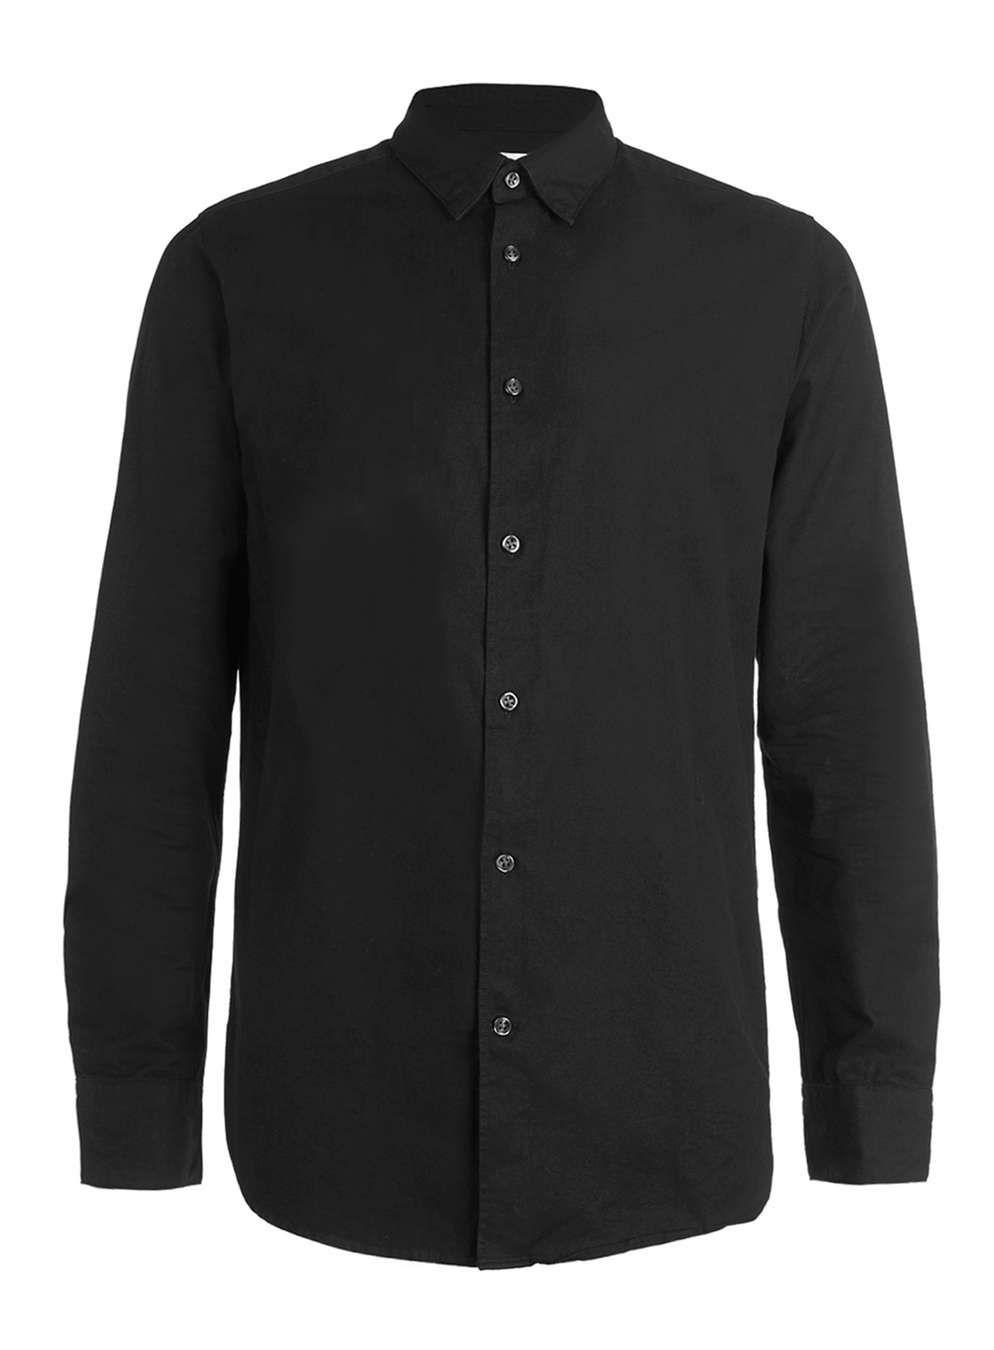 Selected Homme Black Fallon Shirt